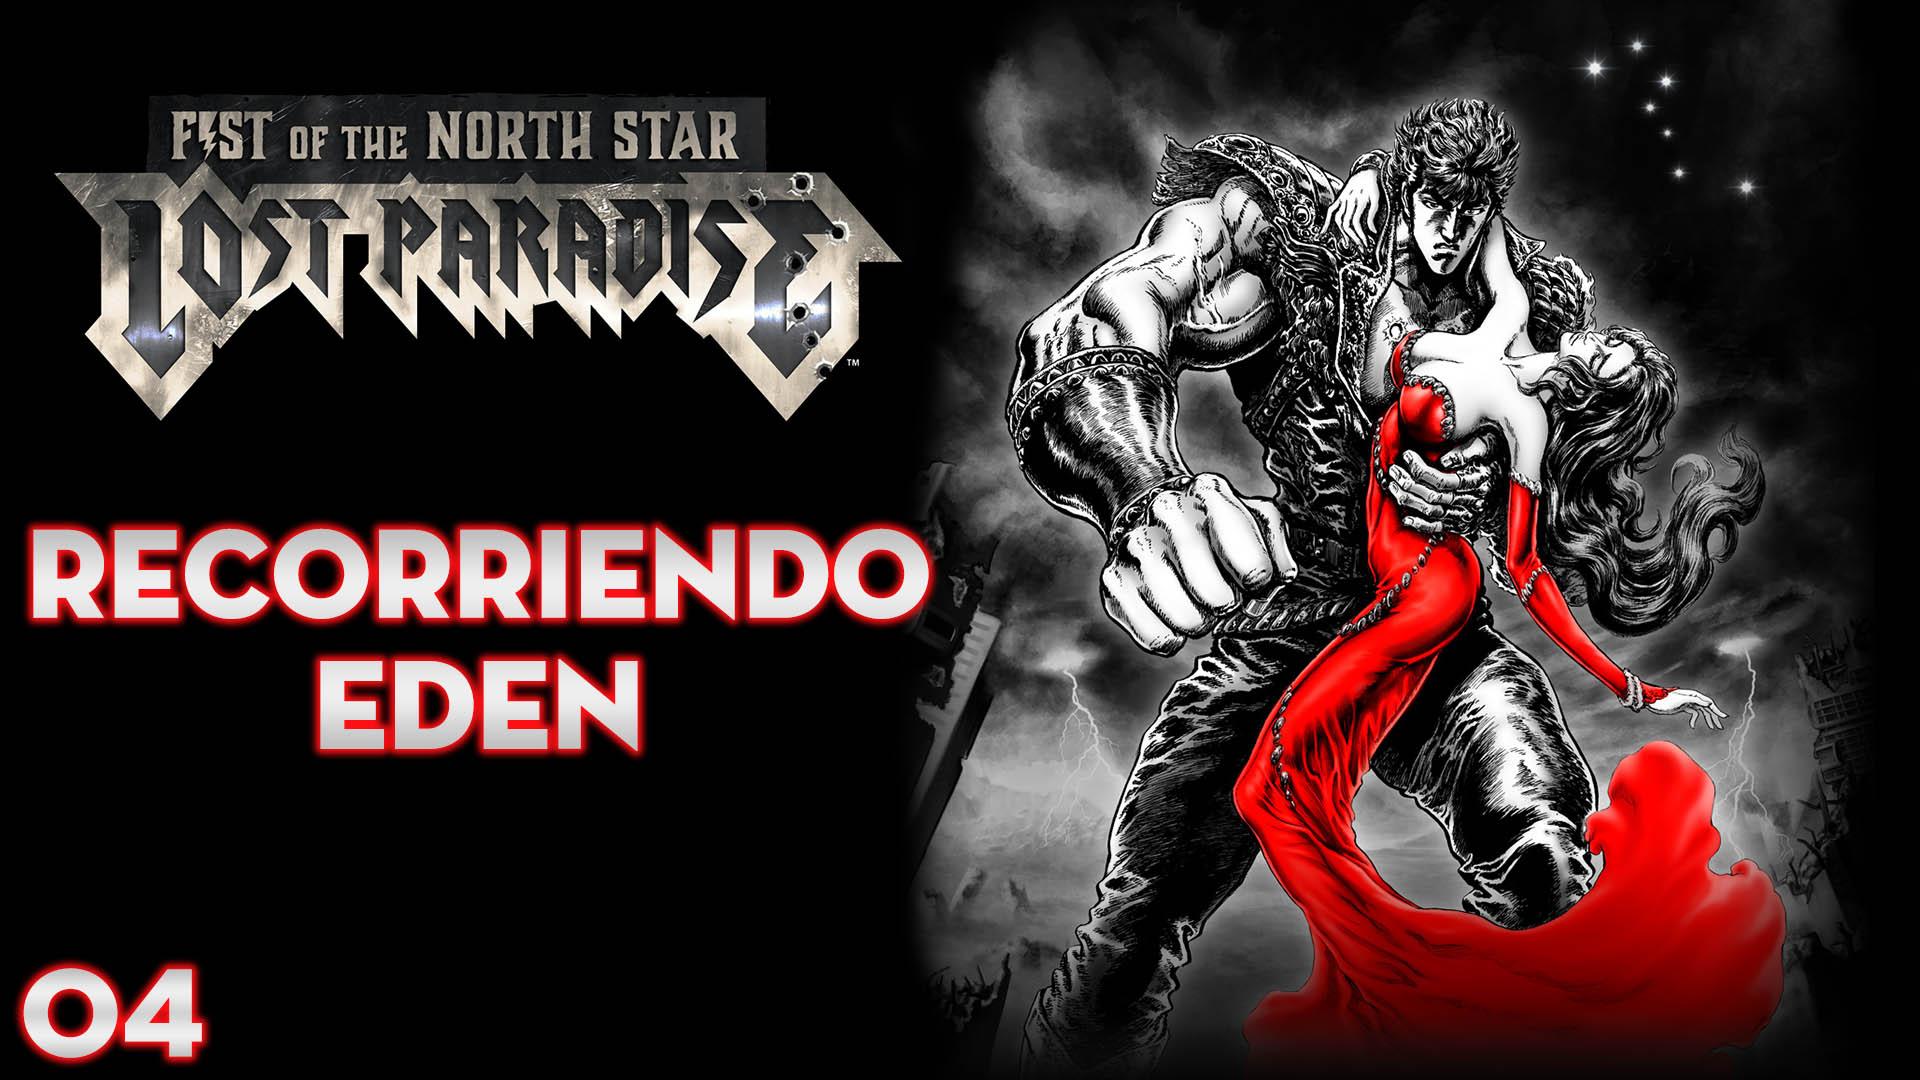 Serie Fist of the North Star: Lost Paradise #4 – Recorriendo Eden